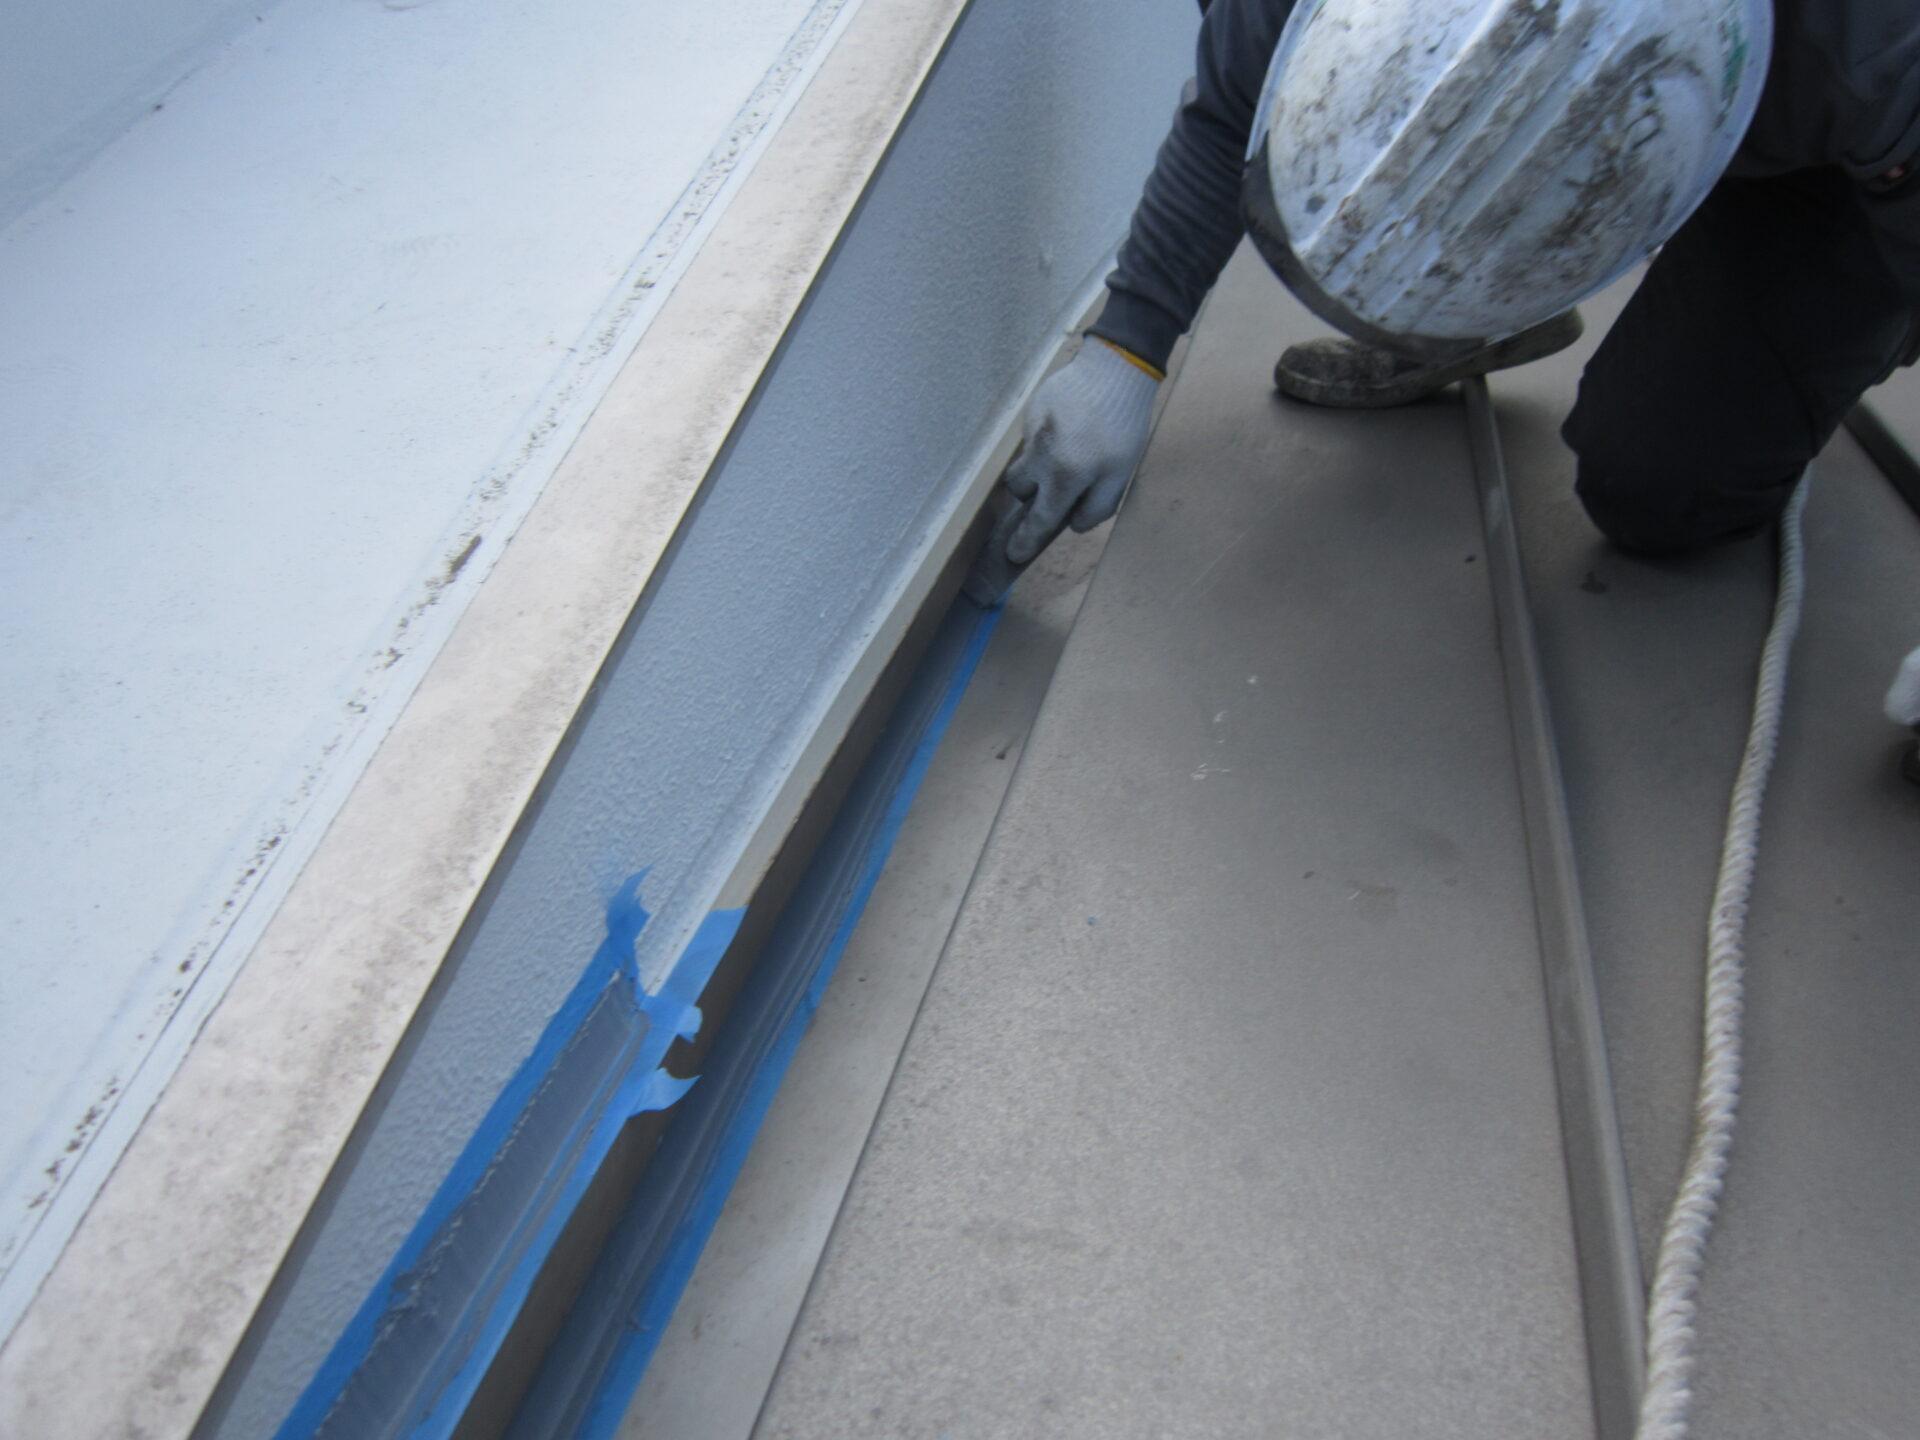 天井雨漏り修繕工事画像3